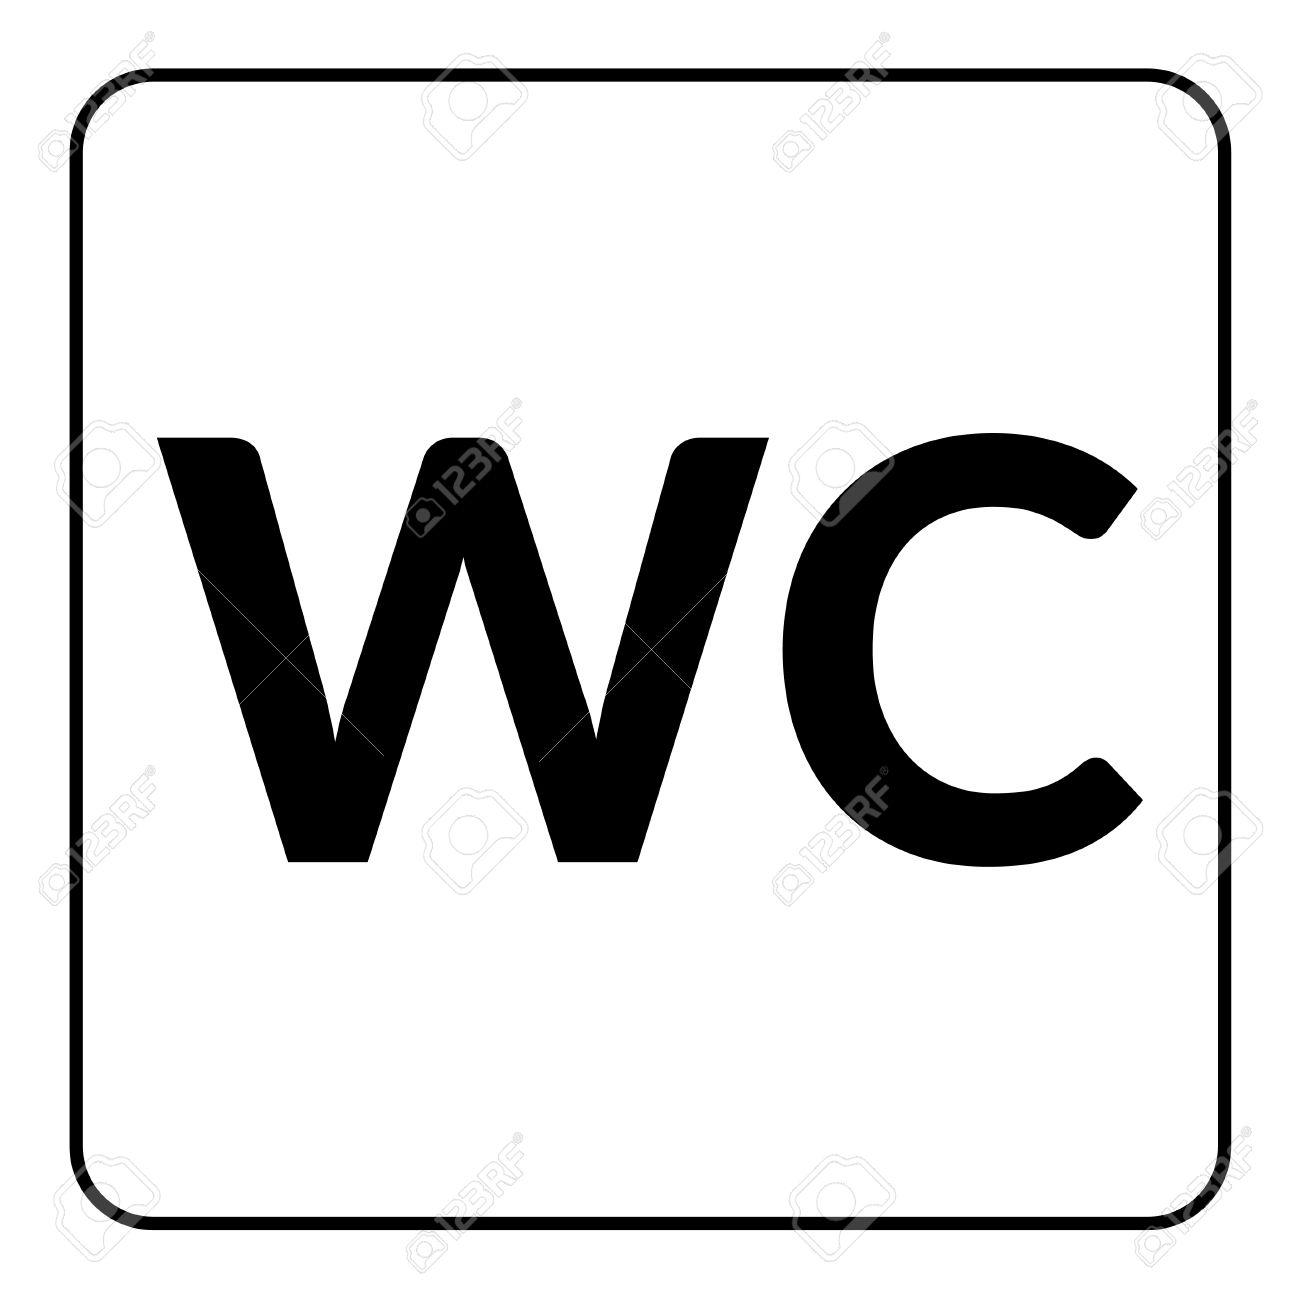 clipart wc uomini - photo #14